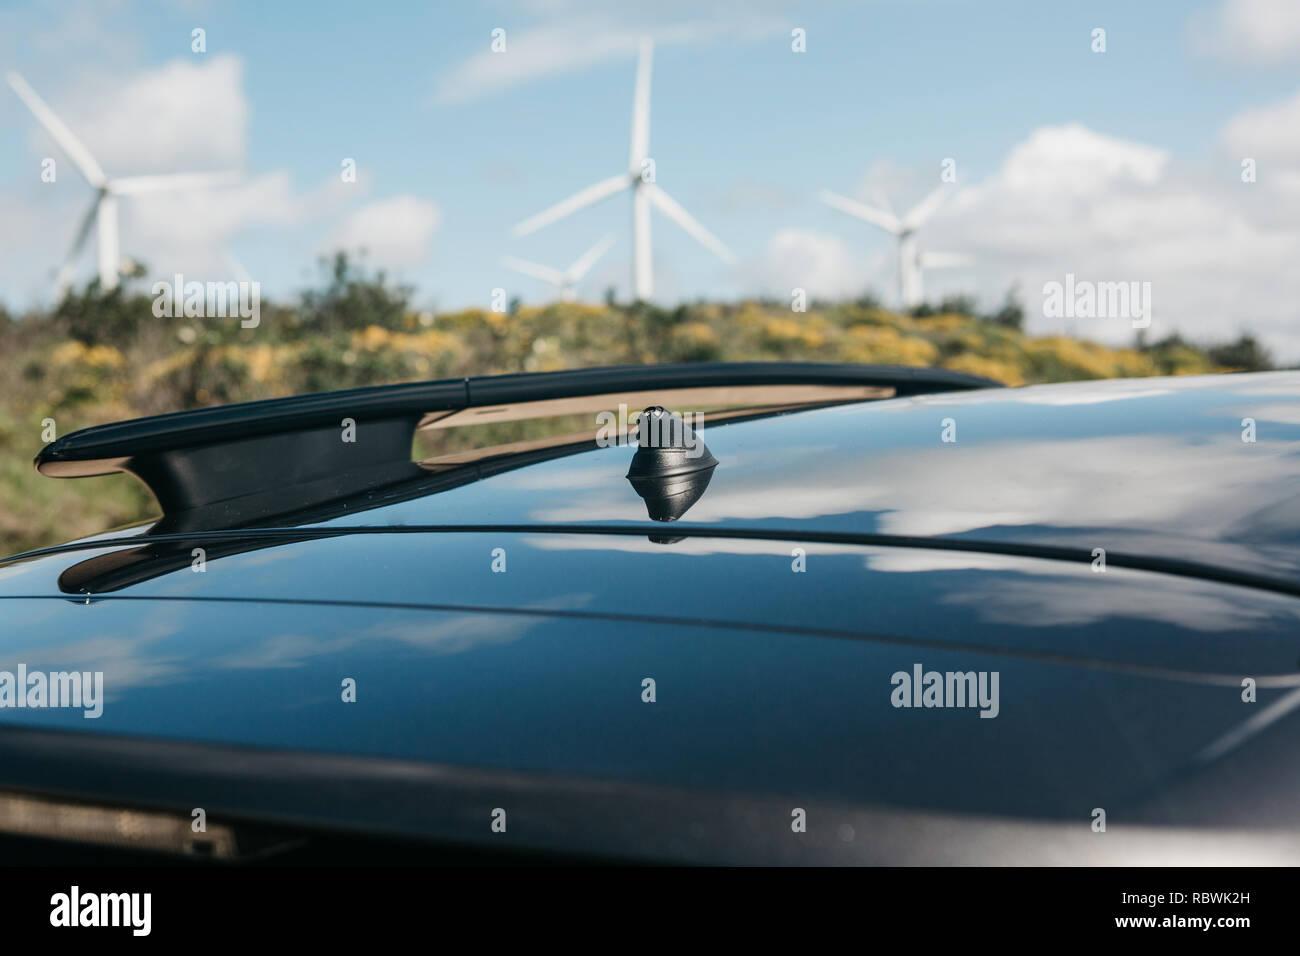 Photo conceptuelle avec une autre perspective avec focus sélectif sur l'antenne sur le toit du véhicule et moulins à vent trouble ou éoliennes dans l'arrière-plan. Photo Stock